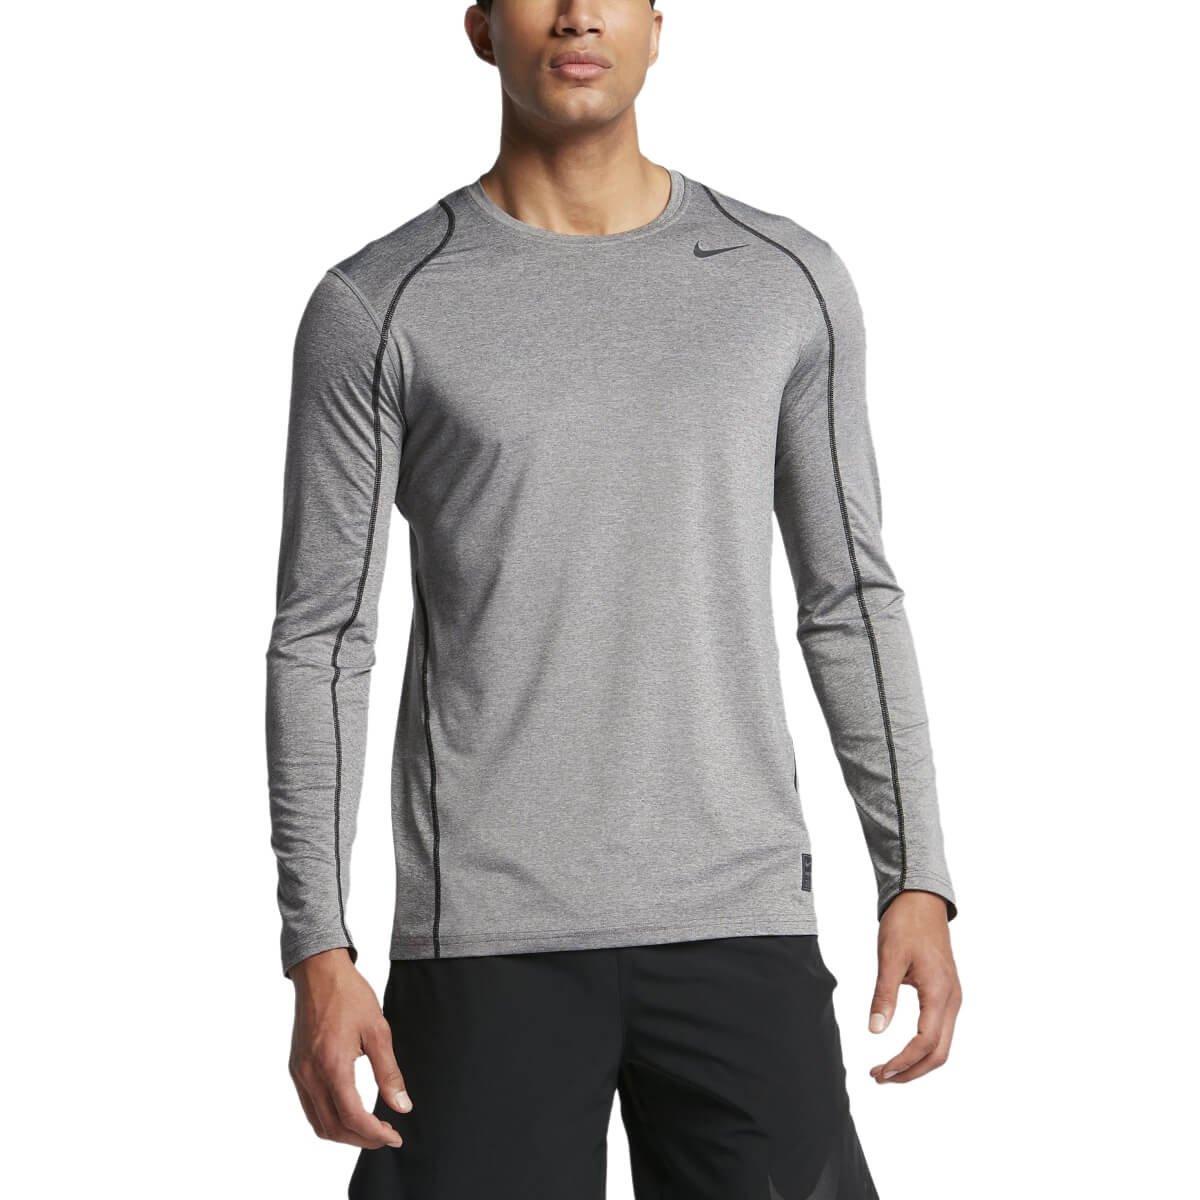 bf6b34e73450a Bizz Store - Camiseta De Compressão Masculina Nike Cool Cinza